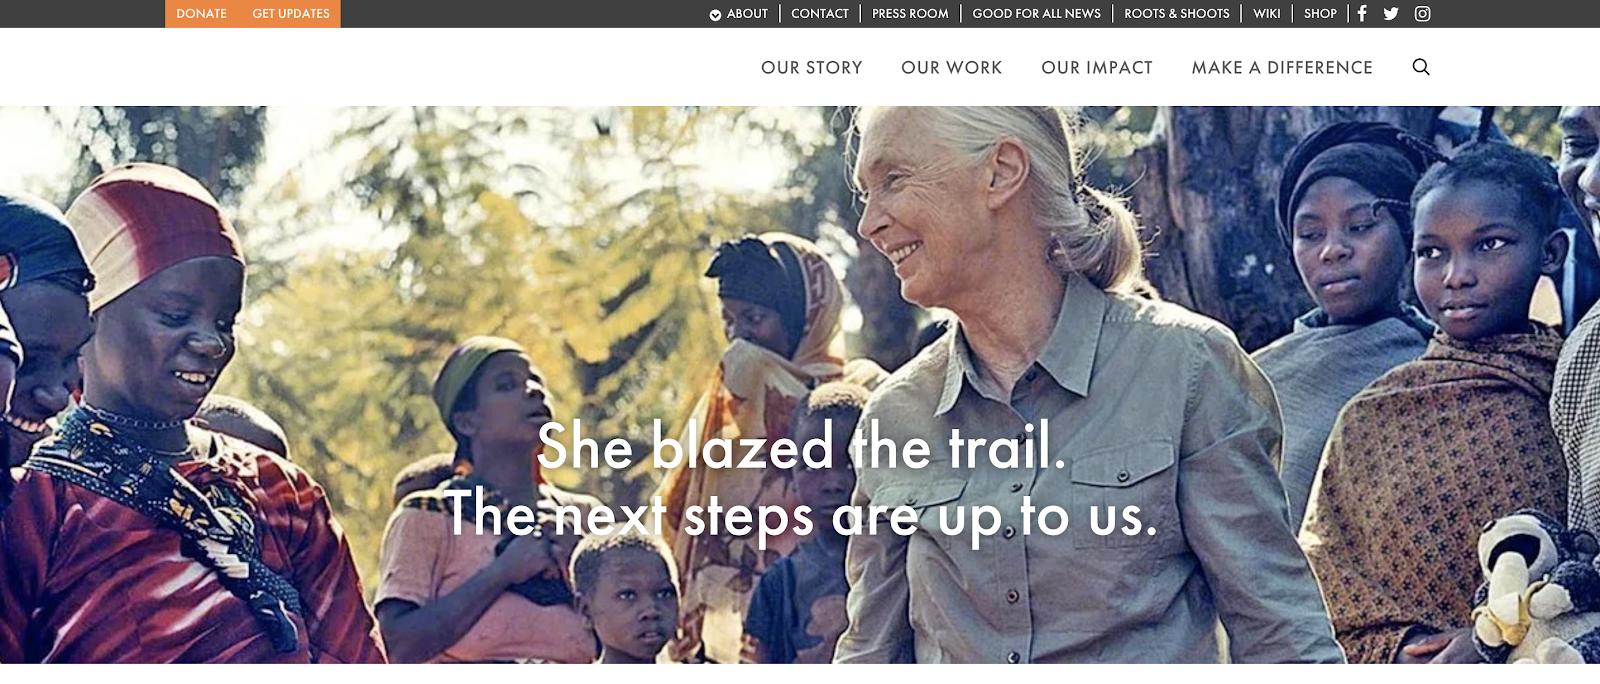 Sitio de blog gratuito autohospedado WordPress utilizado por Jane Goodall